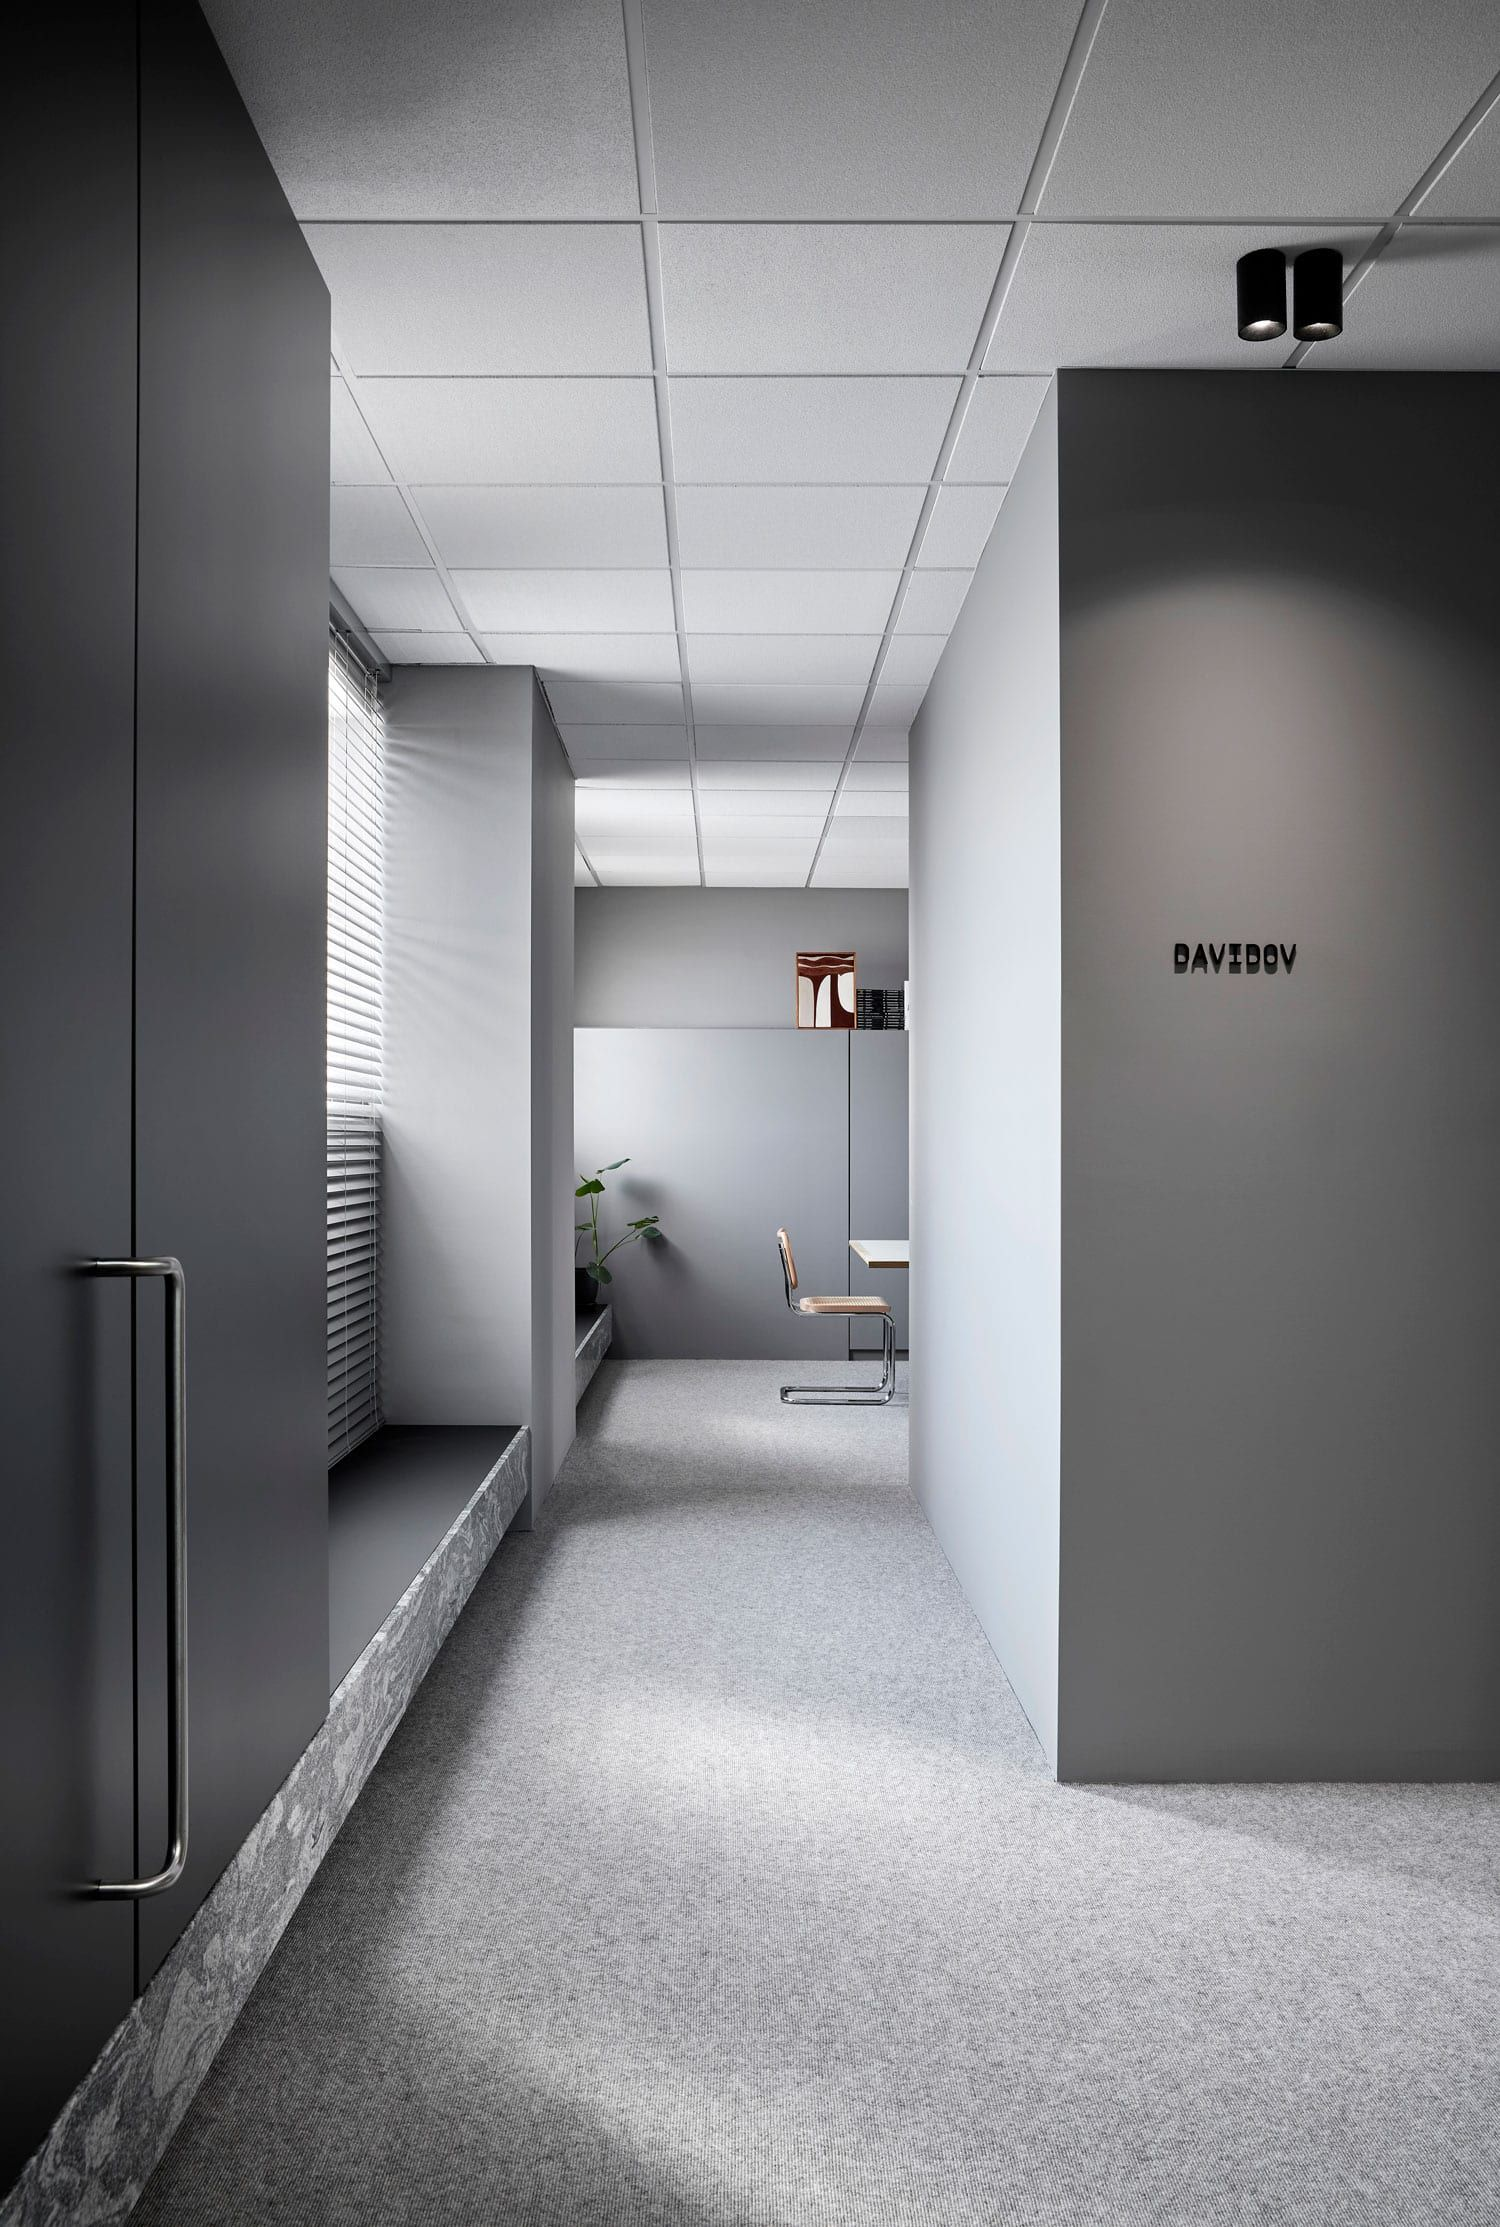 Davidov Partners' Architecture Studio Space in Melbourne ...